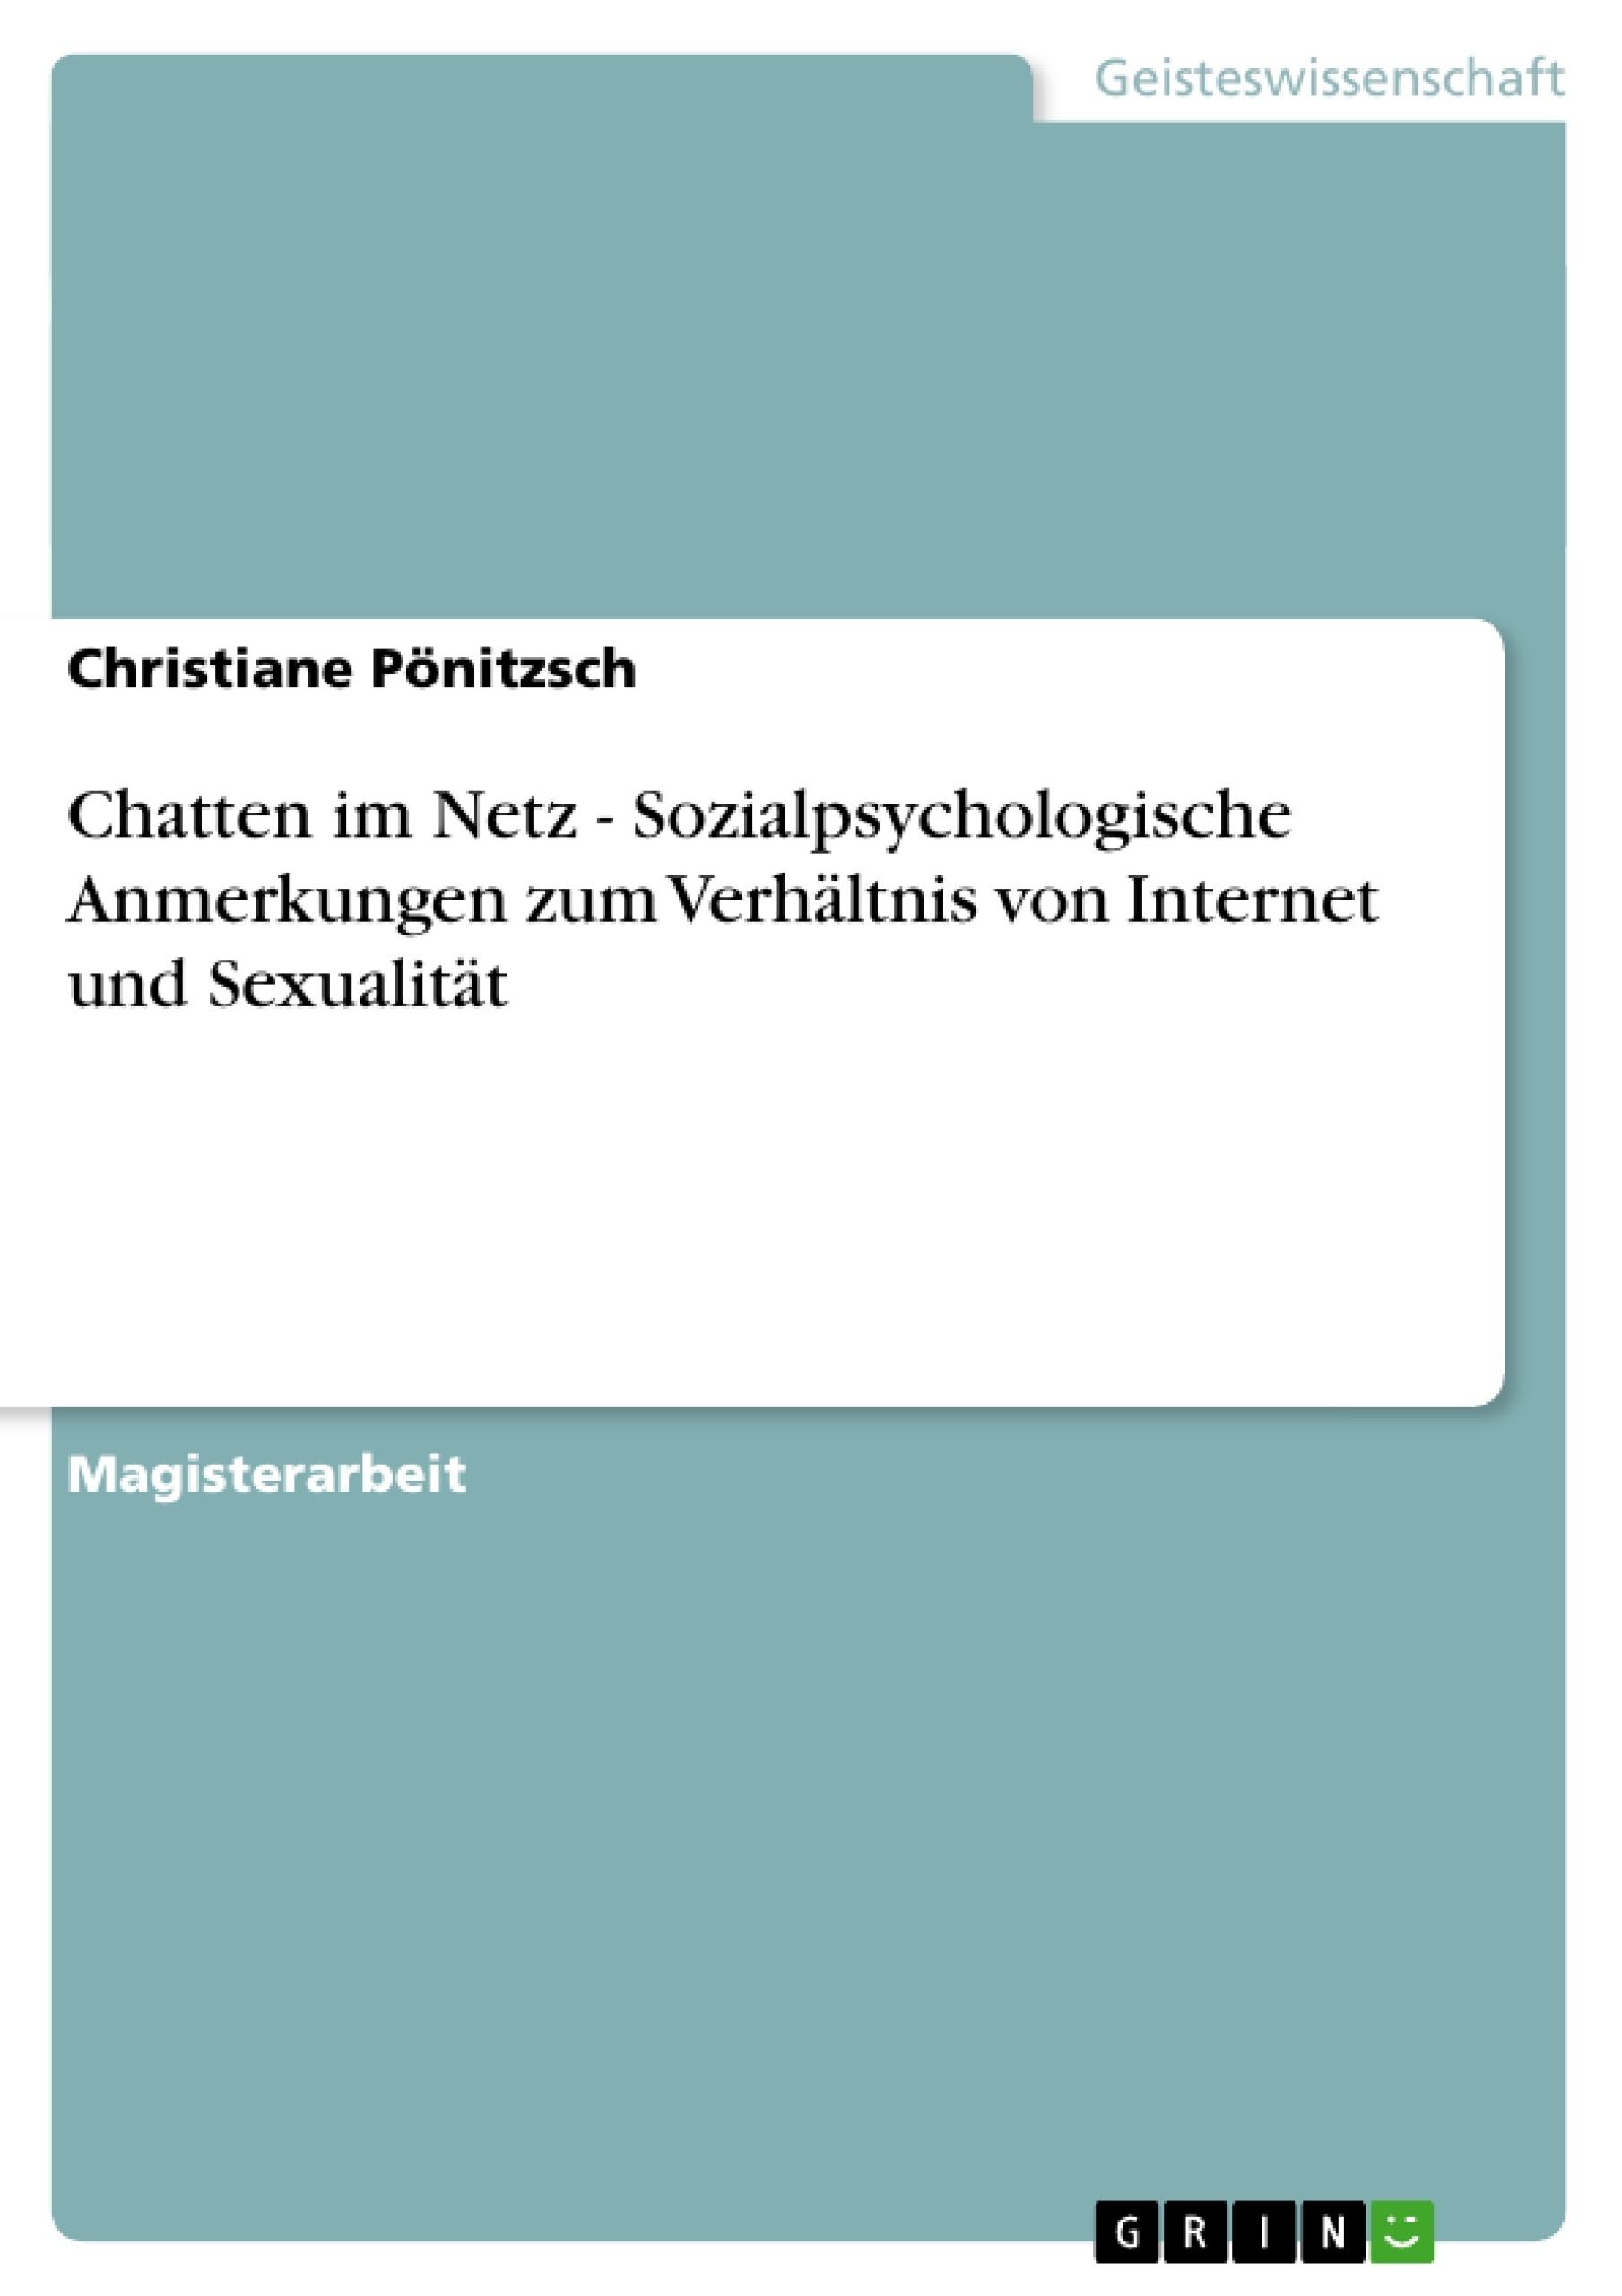 Chatten im Netz - Sozialpsychologische Anmerkungen zum Verhältnis ...